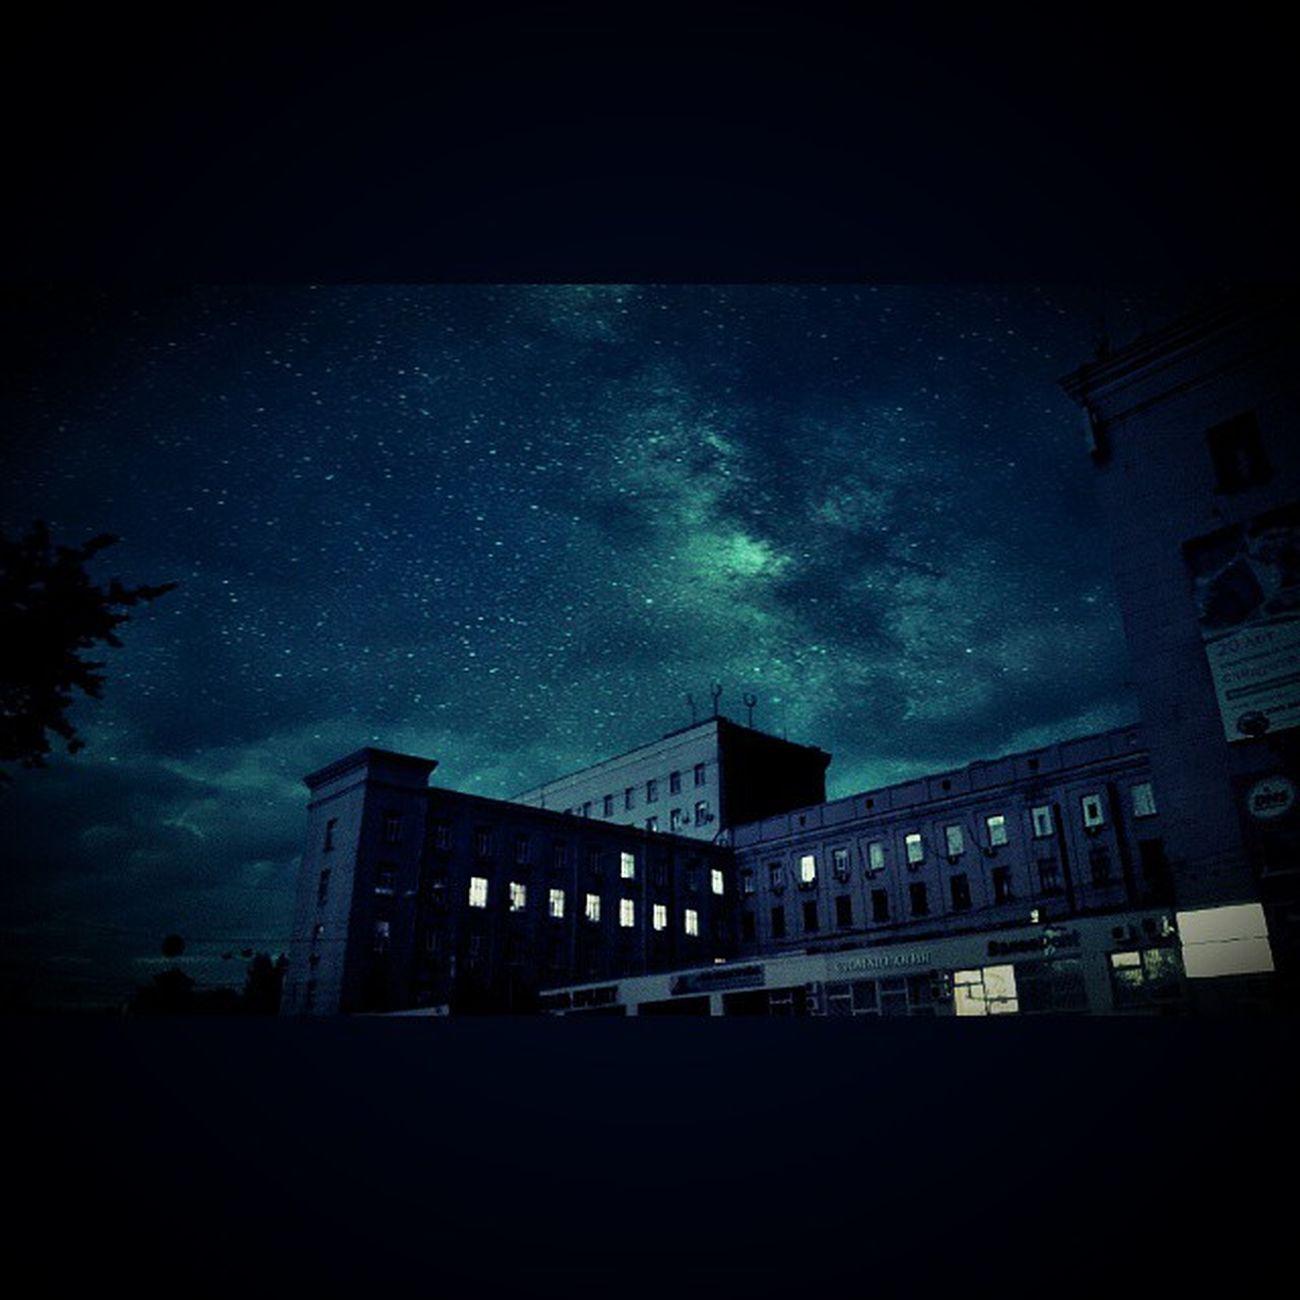 Rostov Rostovondon Havingfunwith Camera360 starrynighteffect building tree РостовНаДону Ростов звездыночь небо ворошиловский здание дерево дурачусьсфотошопом ?